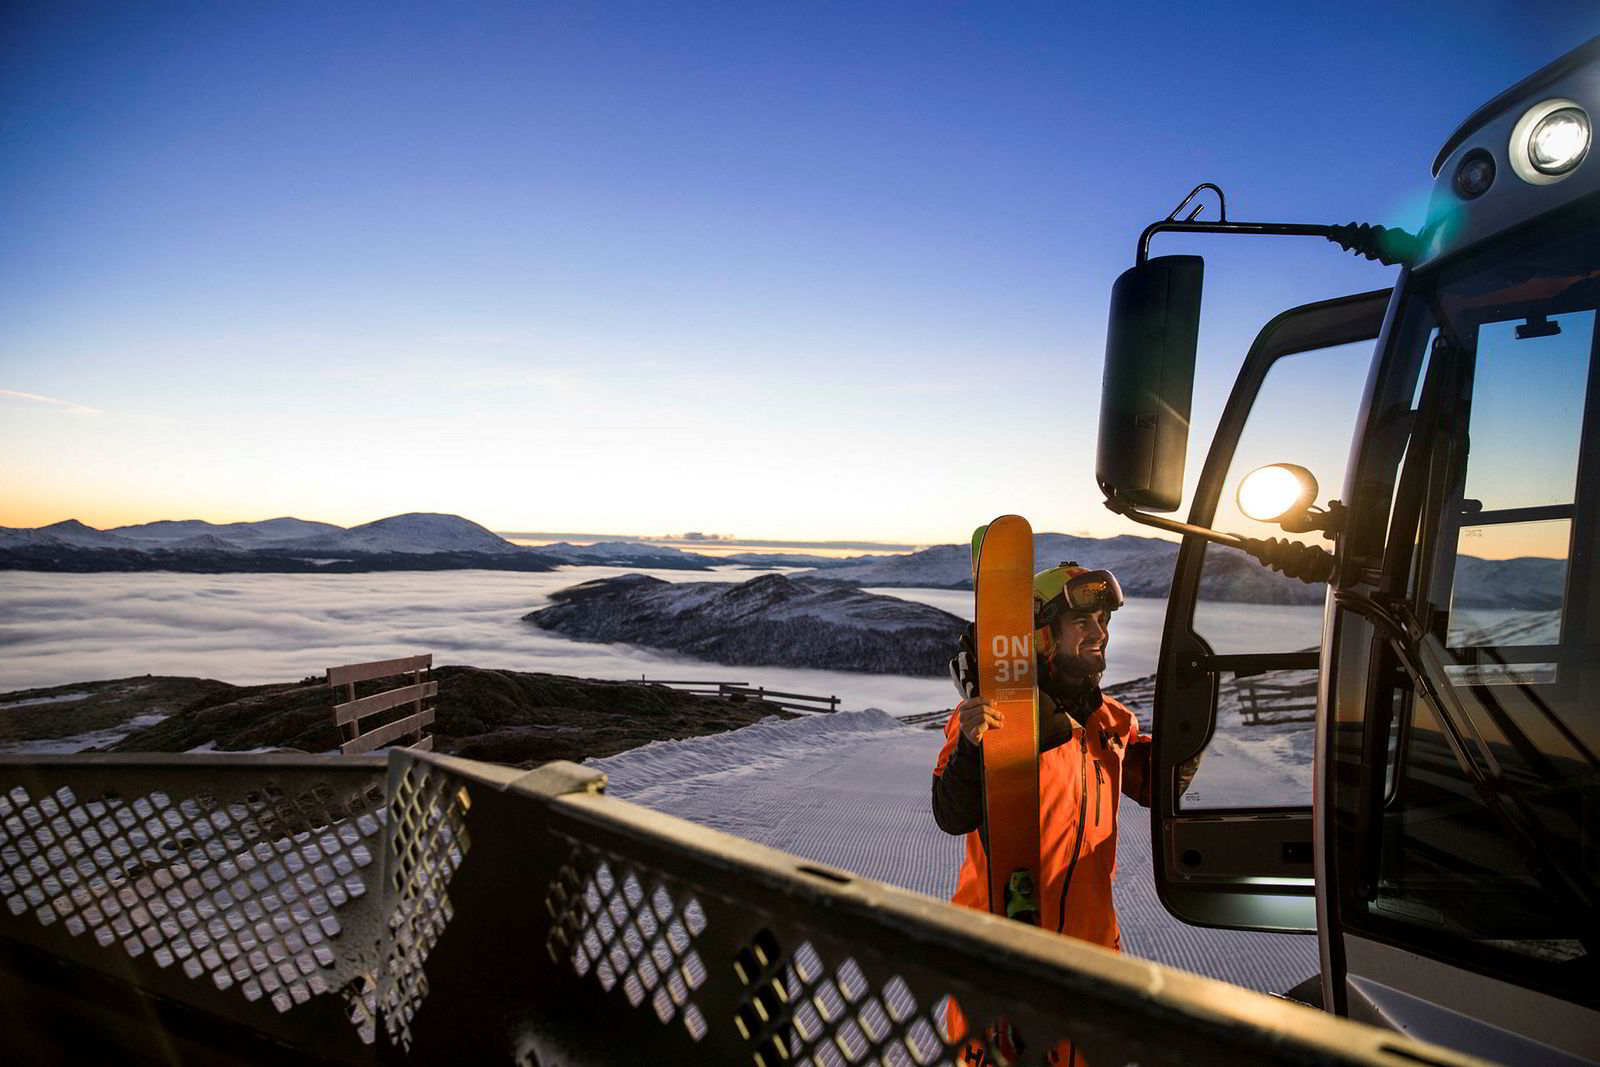 Tidlig om morgenen på årets nest mørkeste dag sier Dennis Risvoll takk for skyssen til Jon Odnes, som kjører løypemaskinen i Lemonsjøen skisenter.